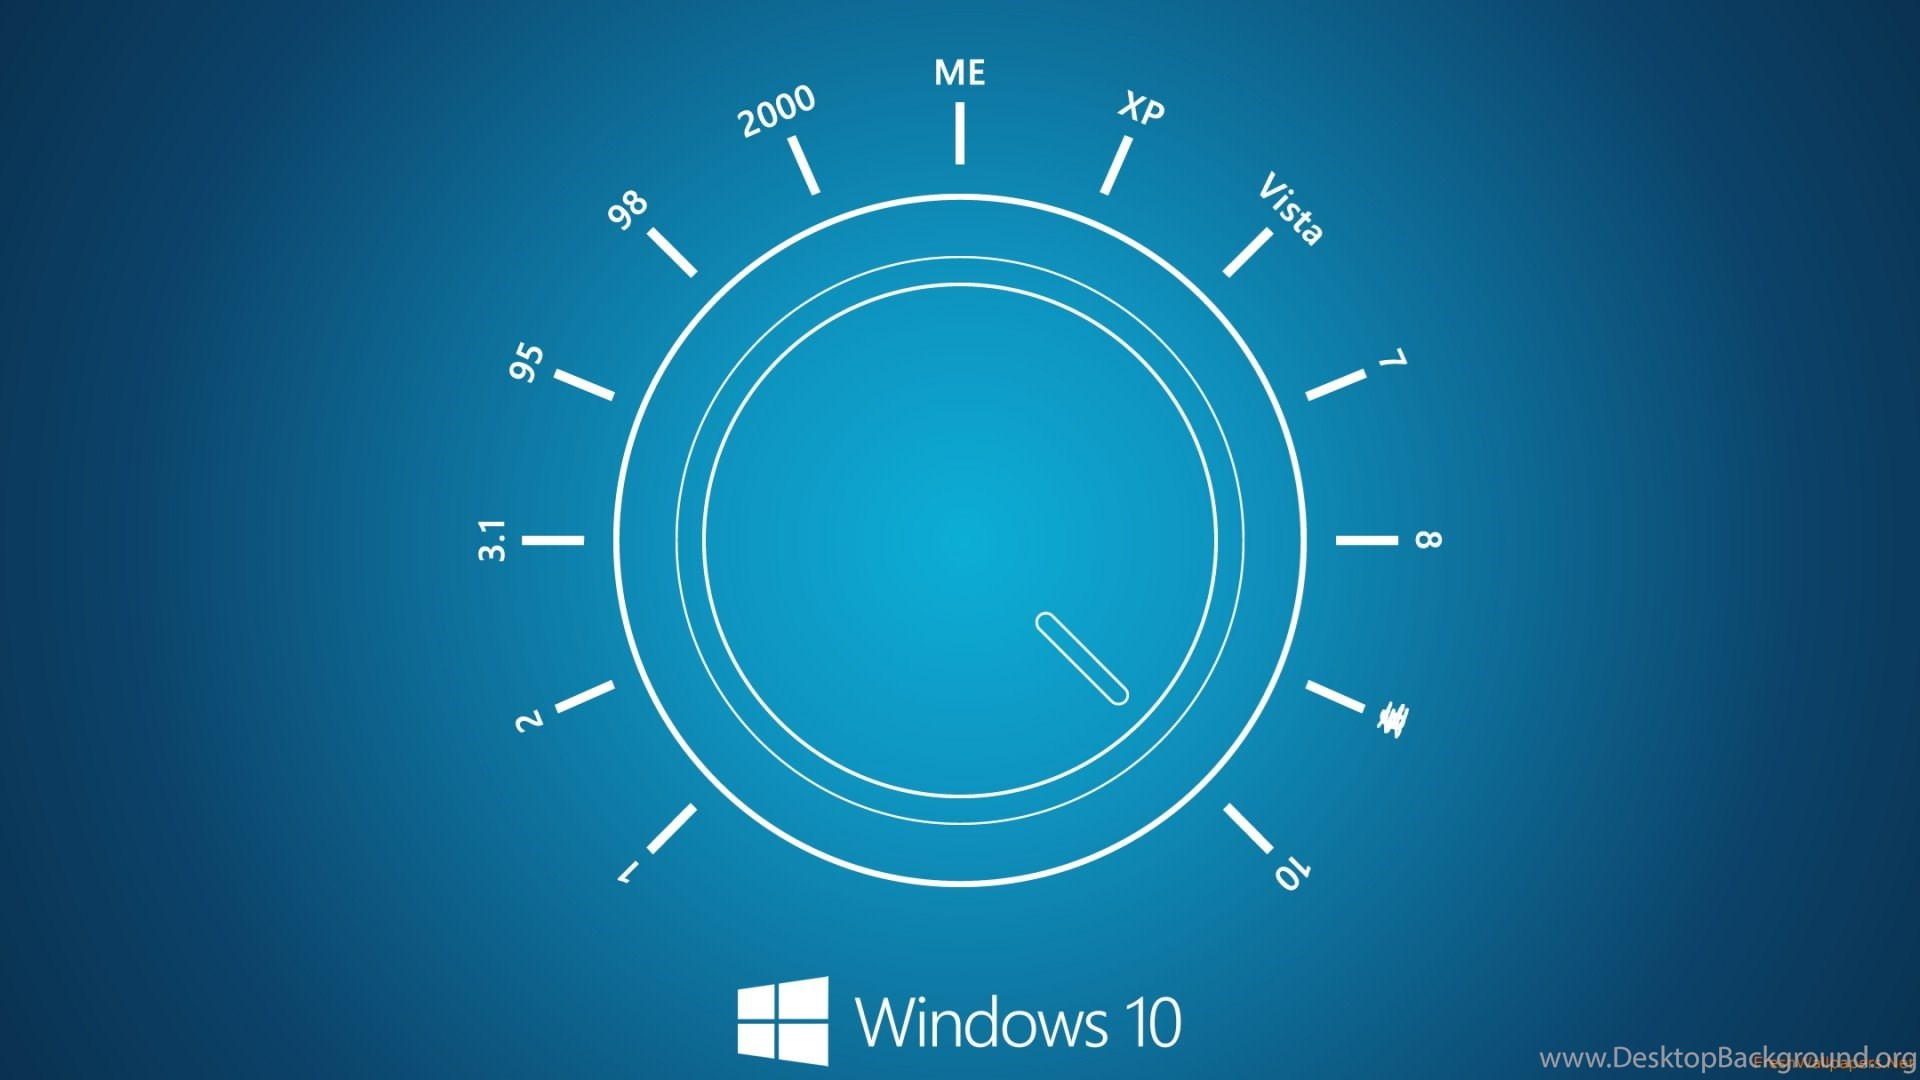 Windows 10 Official Timeline Wallpapers Desktop Background